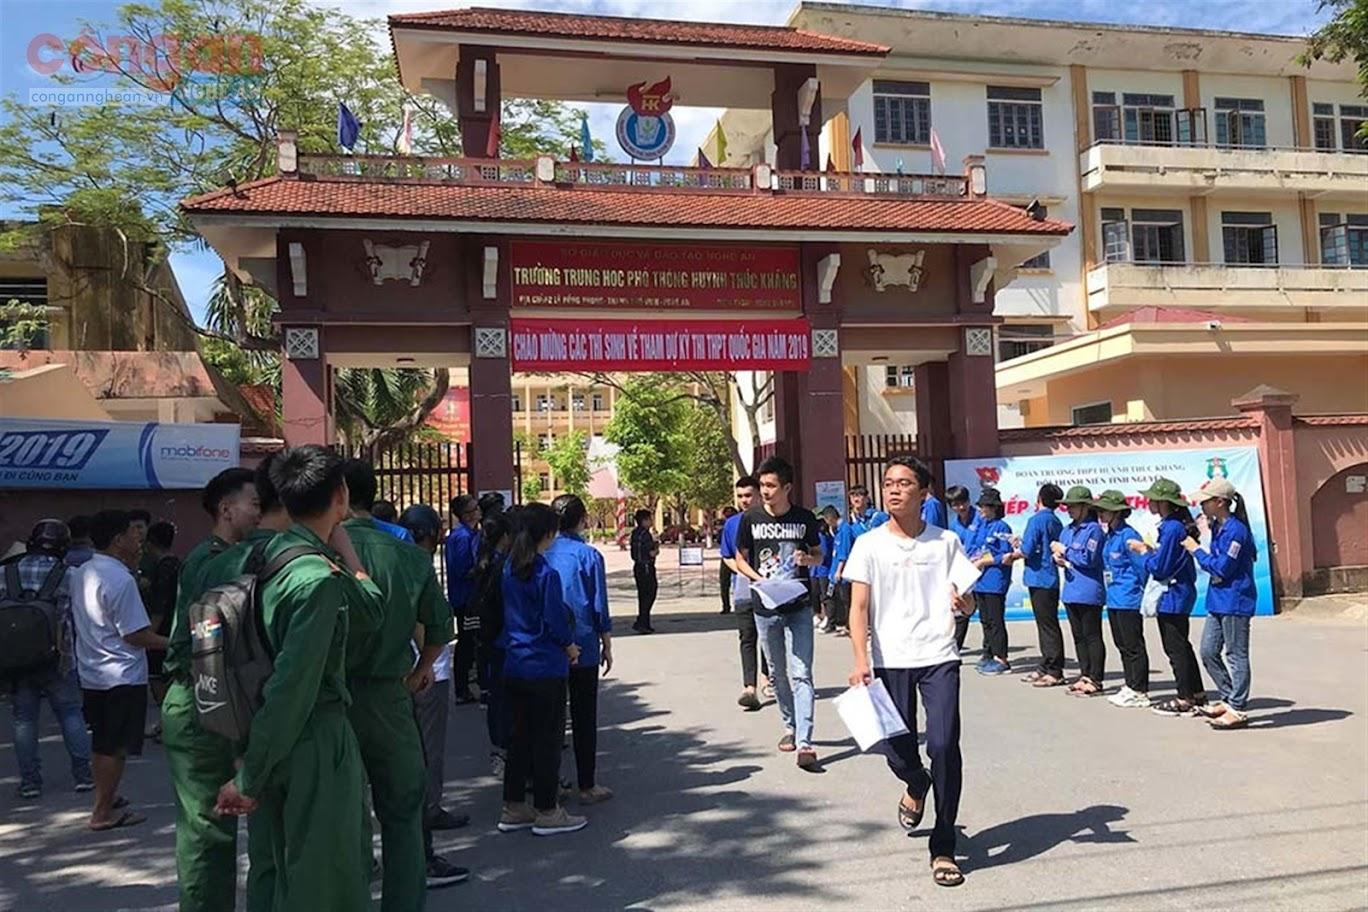 Các thí sinh tham gia kỳ thi THPT quốc gia năm 2019 tại điểm thi                               trường THPT Huỳnh Thúc Kháng, TP Vinh, Nghệ An